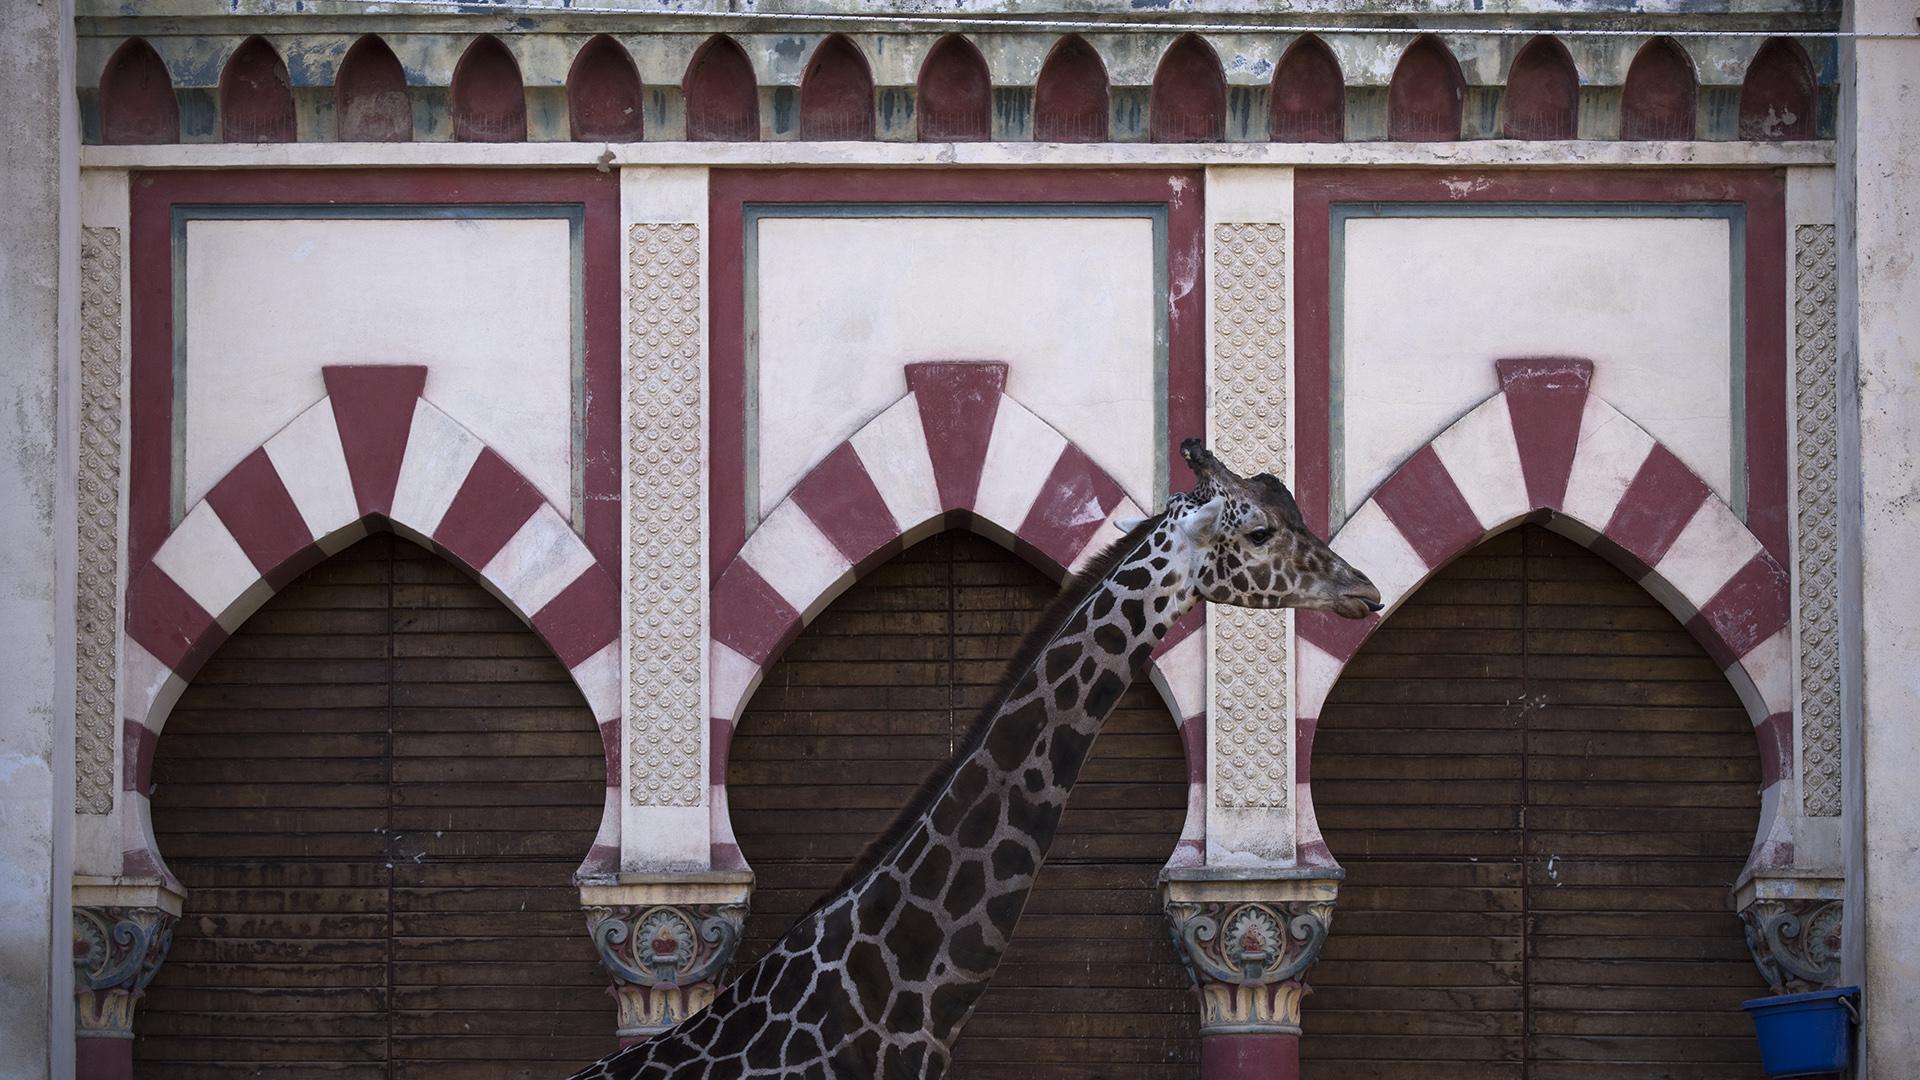 Hasta el momento se sostiene que las tres jirafas no serán trasladadas debido a su tamaño. (Adrián Escandar)